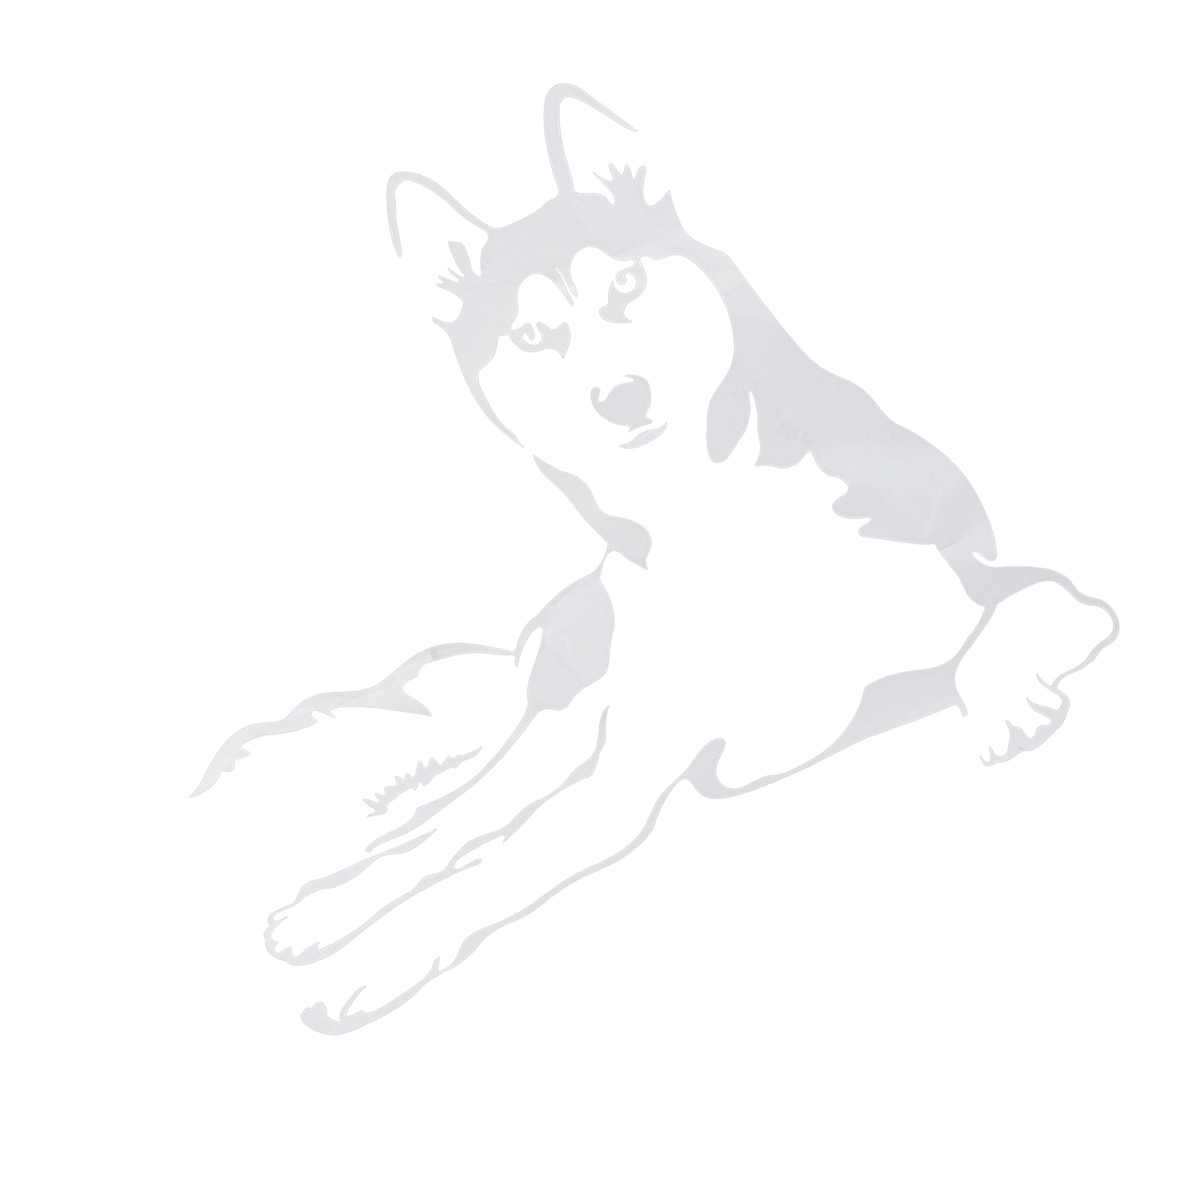 Naklejki samochodowe śmieszne zwierząt pies Huskie naklejki pojazd ciężarówka poza dekoracji odblaskowa naklejka (biały)